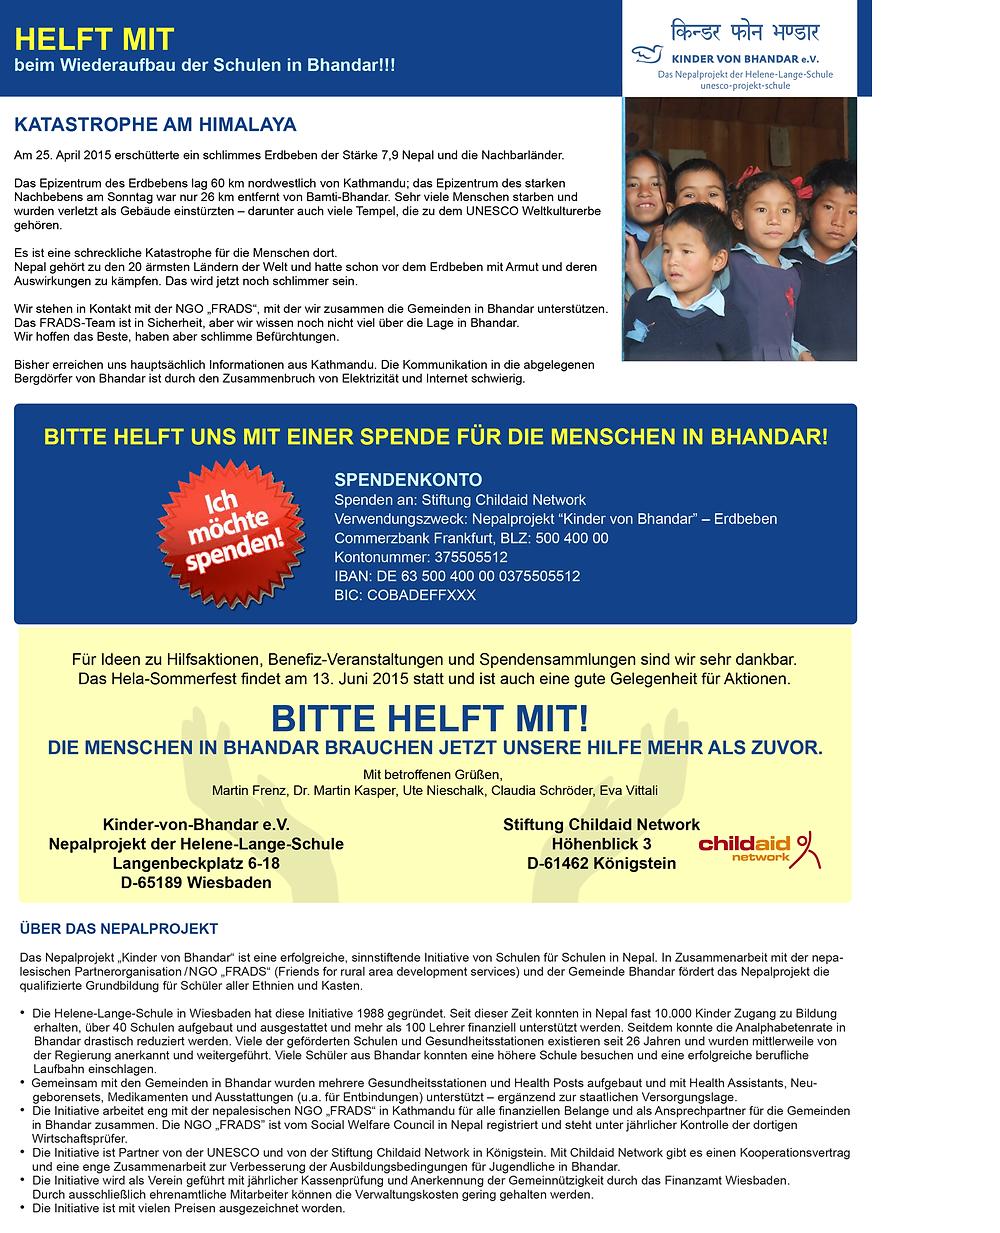 Flyer für Nepal-Hilfe